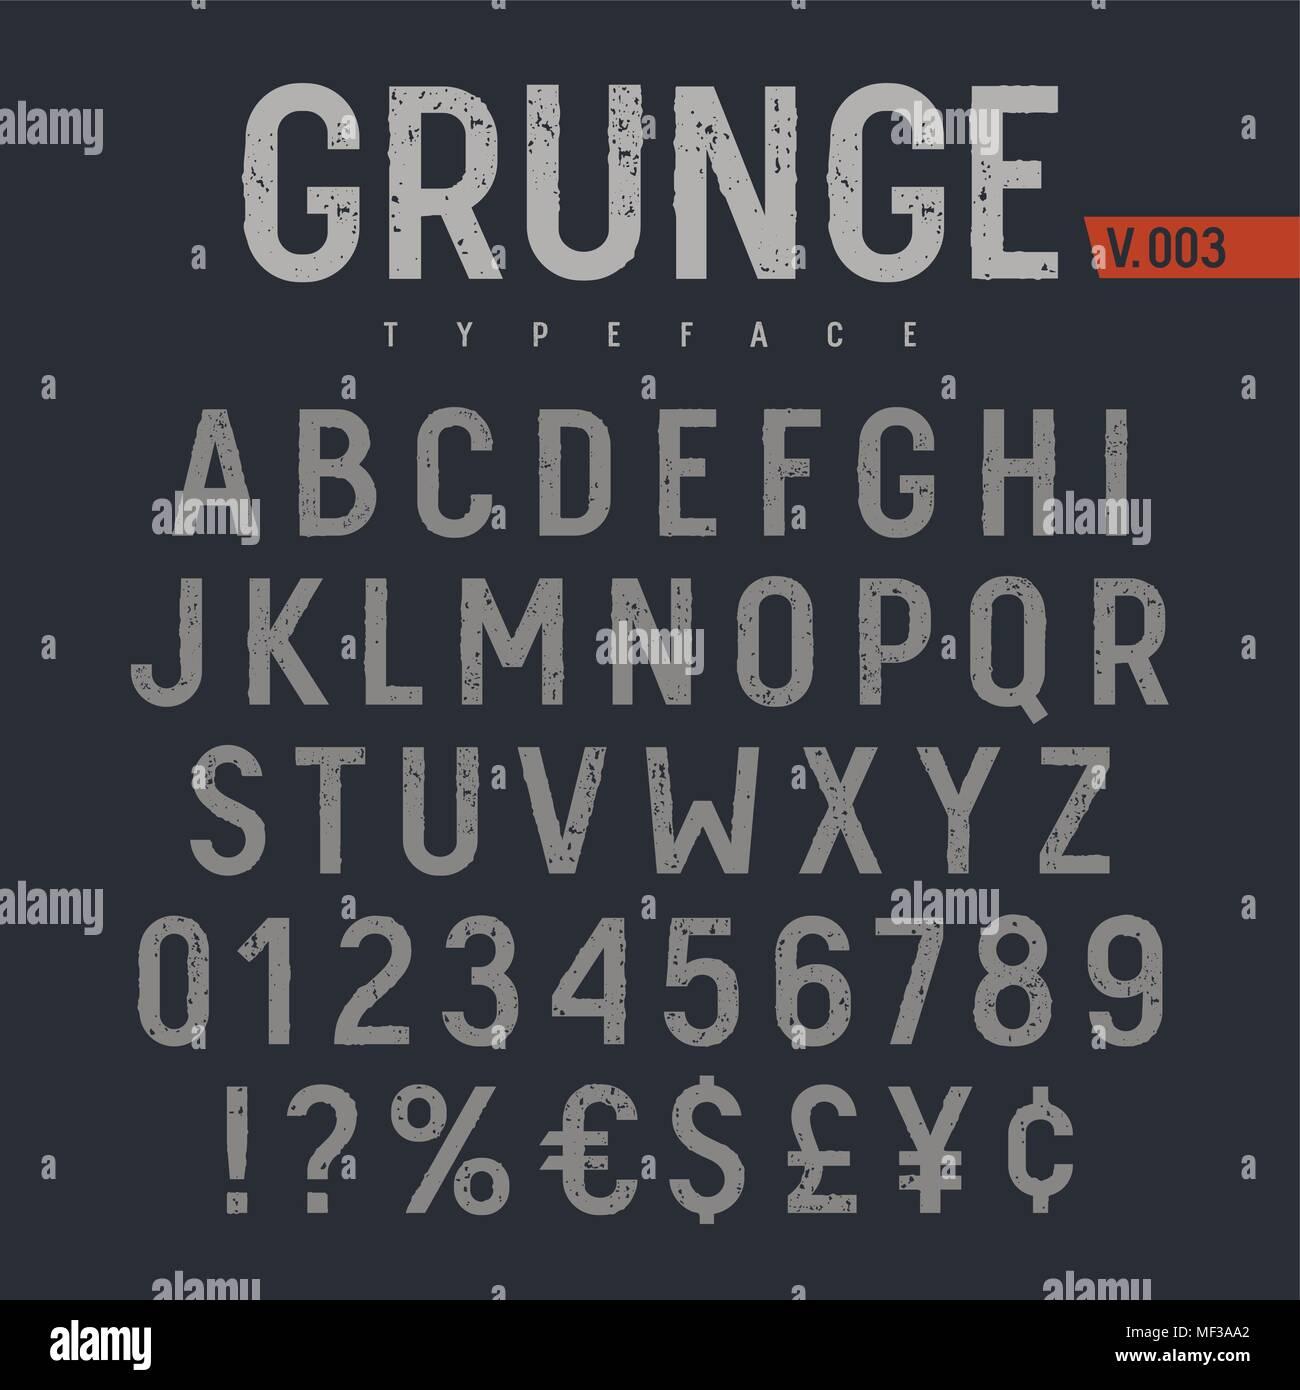 Grunge font testurizzati. Timbro ruvide testurizzate tipografico. Alfabeto latino lettere e numeri. Immagini Stock